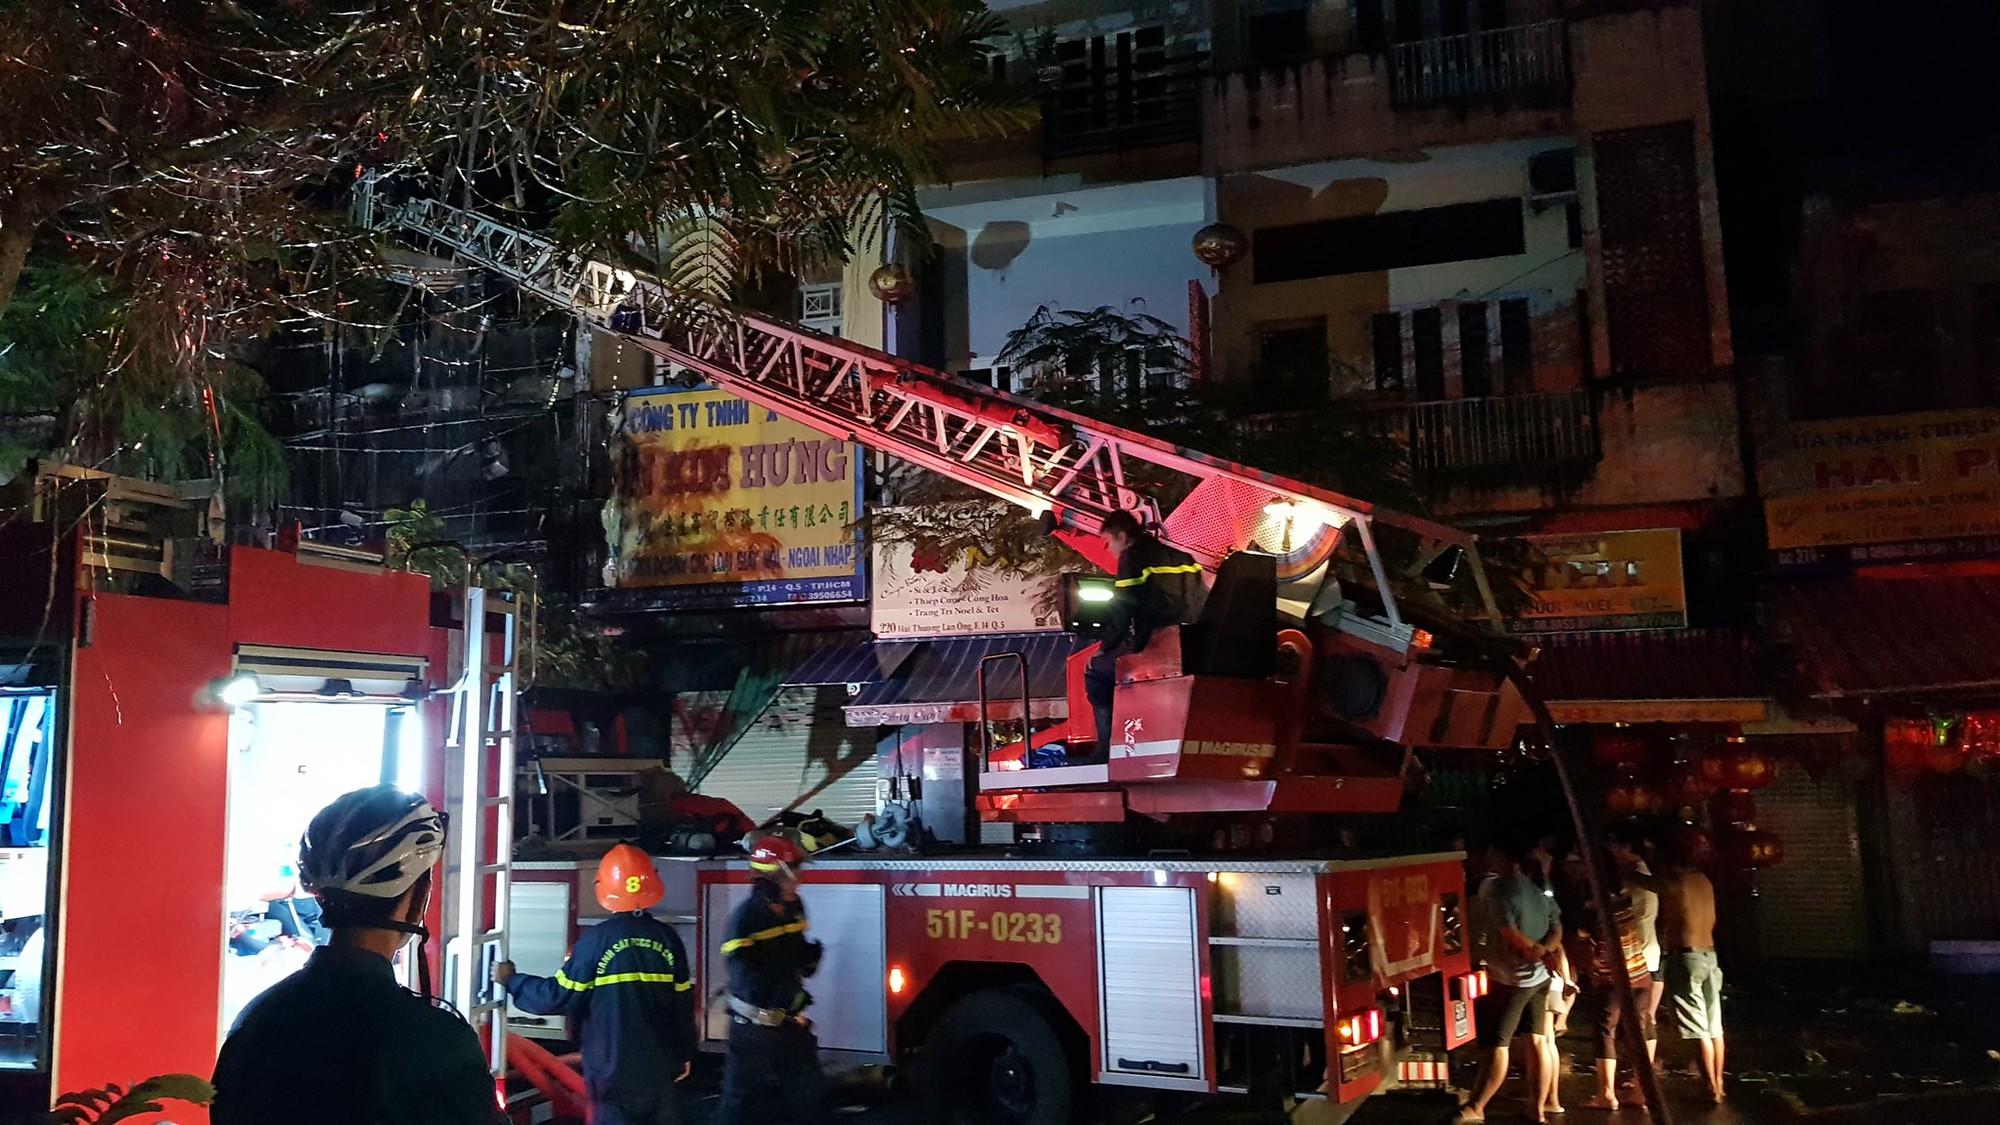 Căn nhà 5 tầng ở Sài Gòn chìm trong biển lửa, hàng trăm chiến sỹ cứu hỏa nỗ lực chữa cháy trong đêm - Ảnh 5.